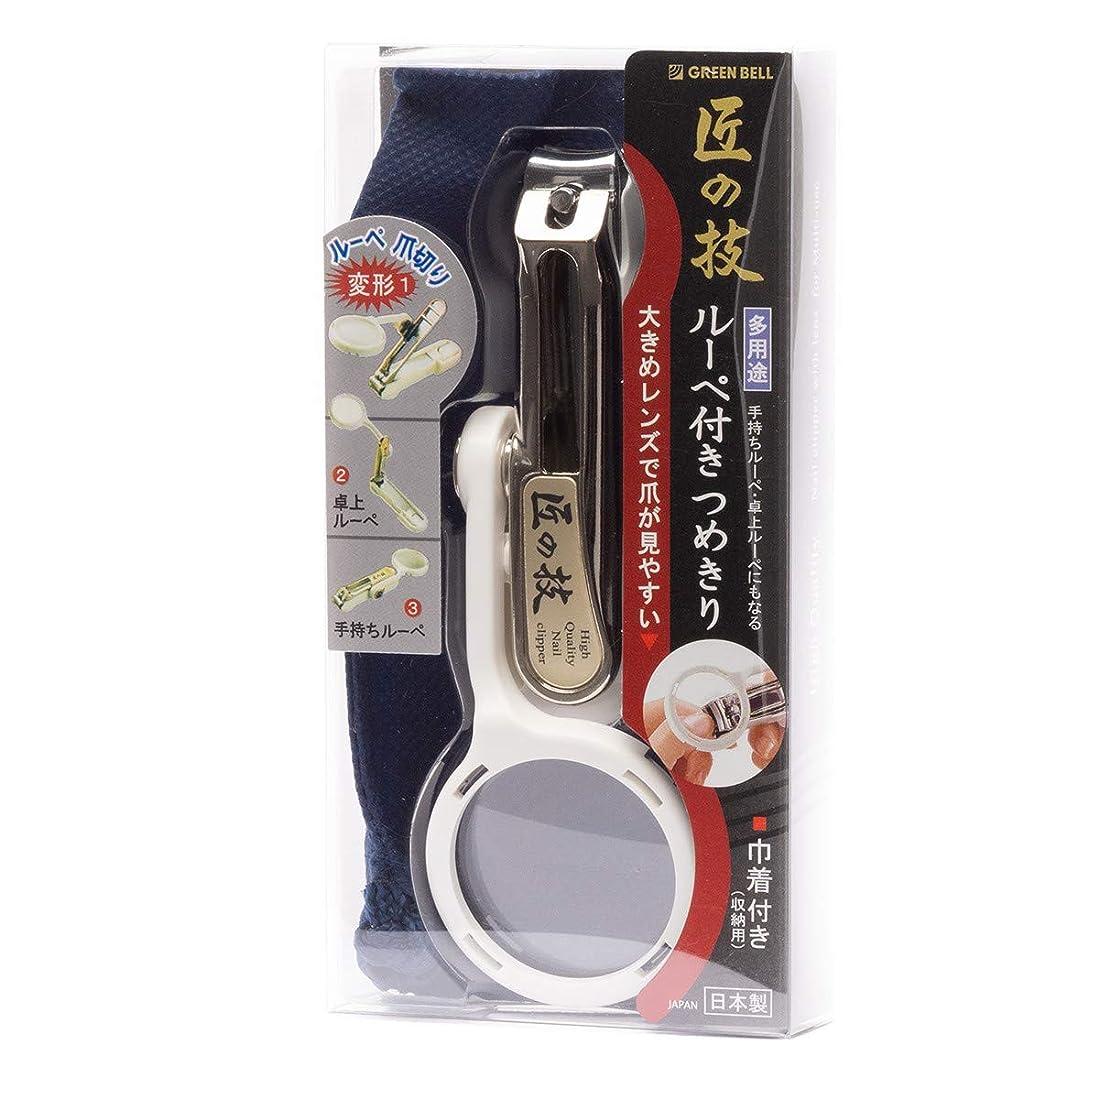 効率的に不快北西MIDI-ミディ 匠の技 ルーペ付き つめきり 白 メガネ拭き セット (p-880122,p-k0055)